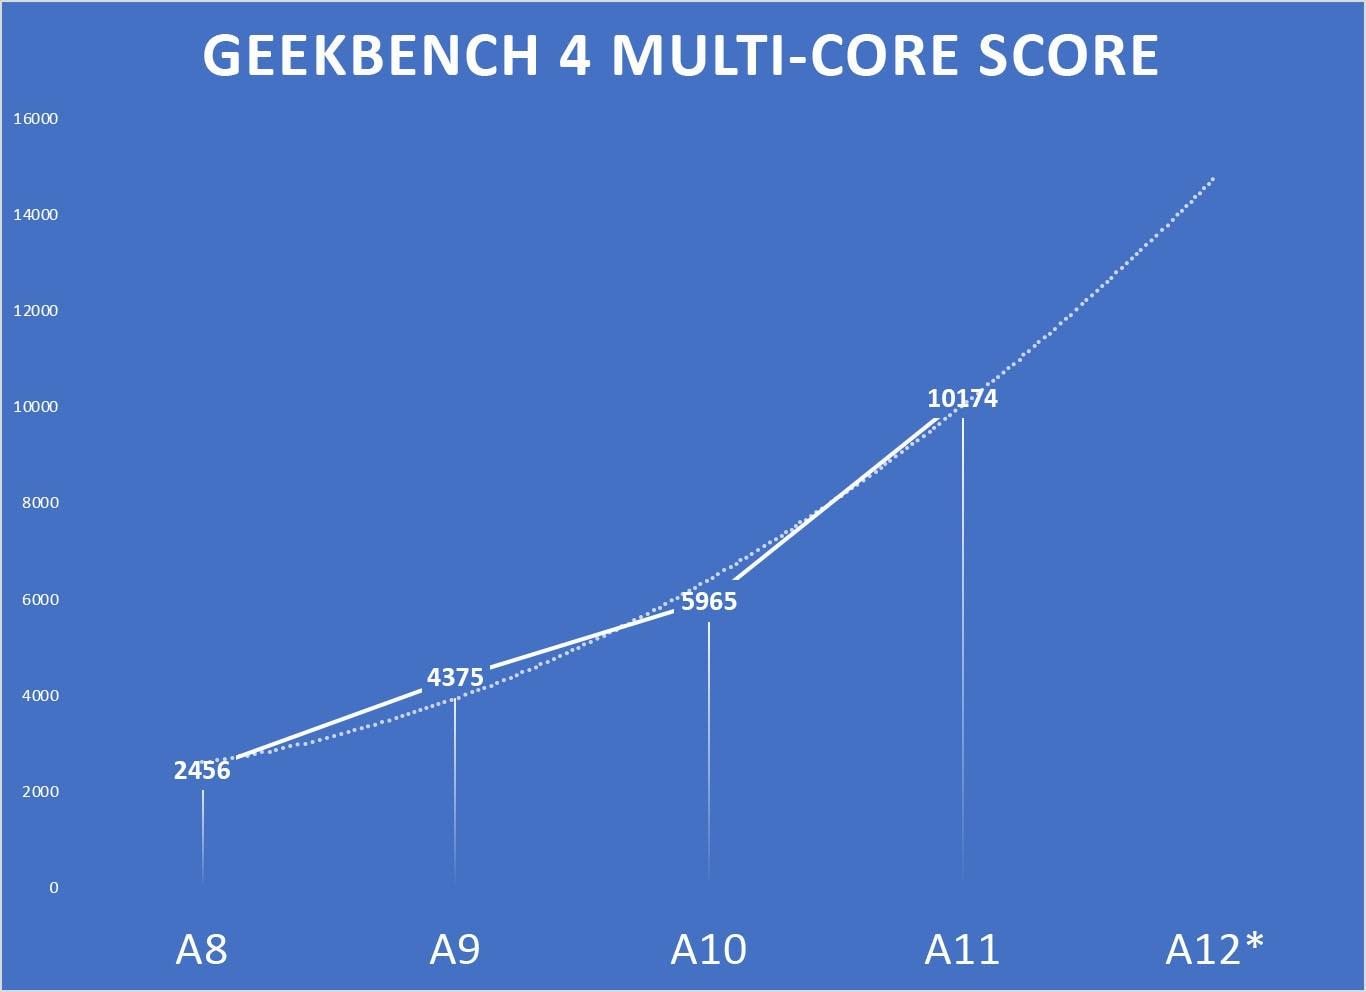 Resultados multi-core dos últimos iPhones